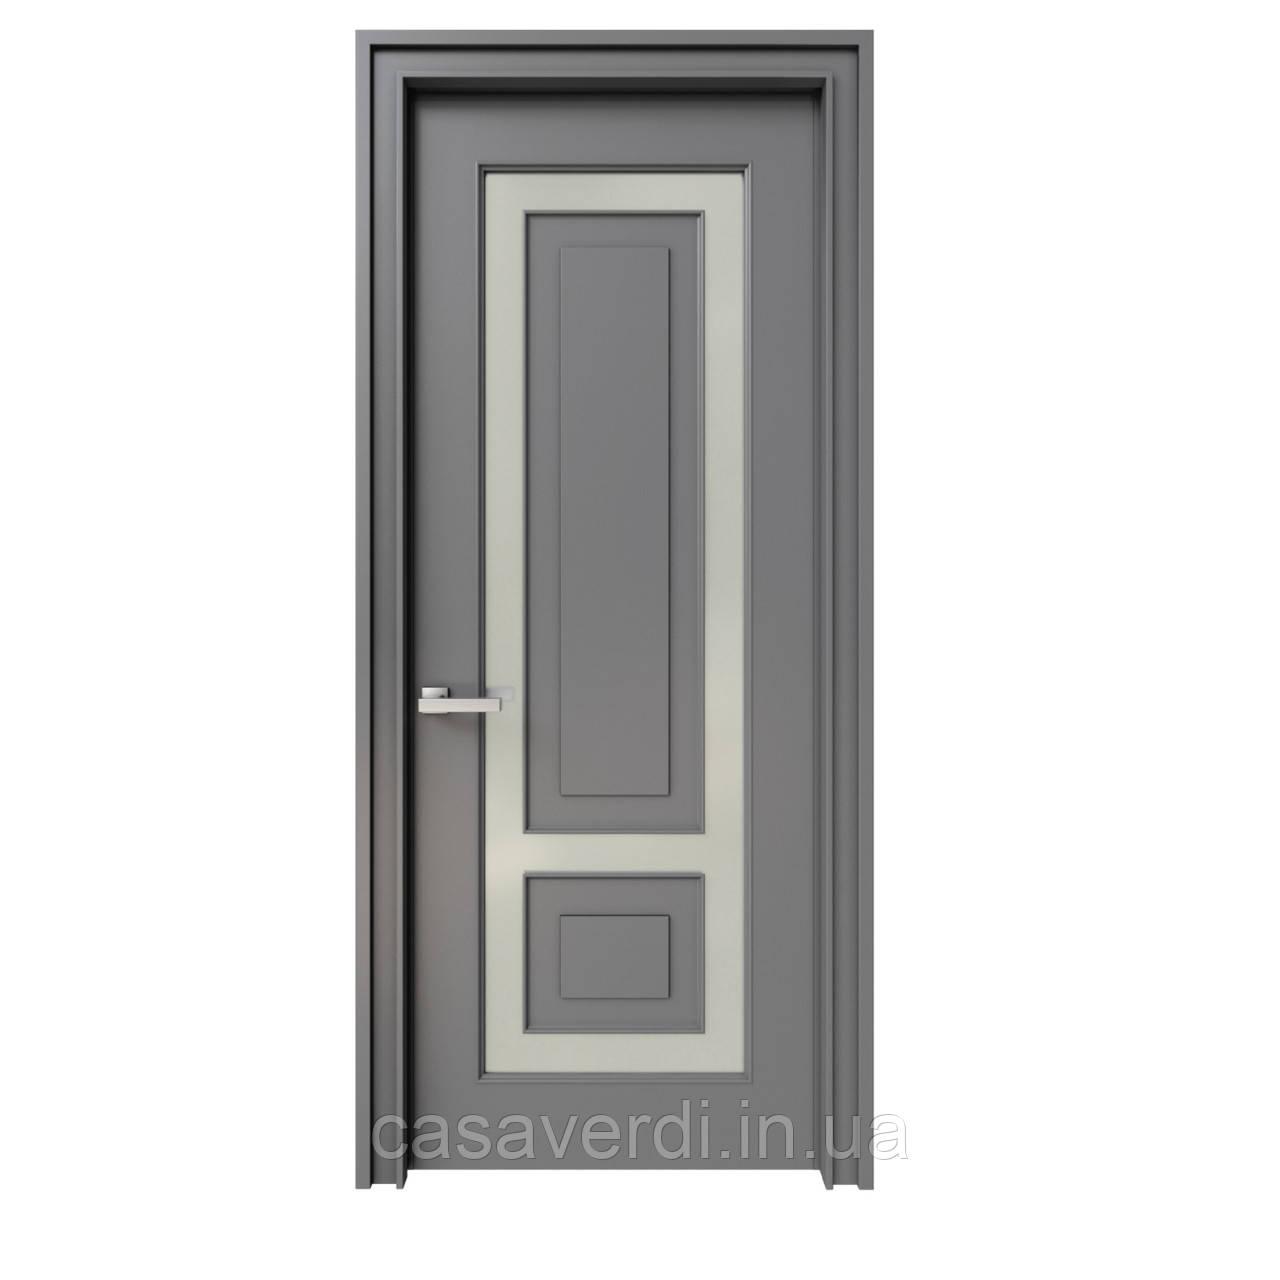 Межкомнатная дверь Casa Verdi Vetro 5 из массива ольхи